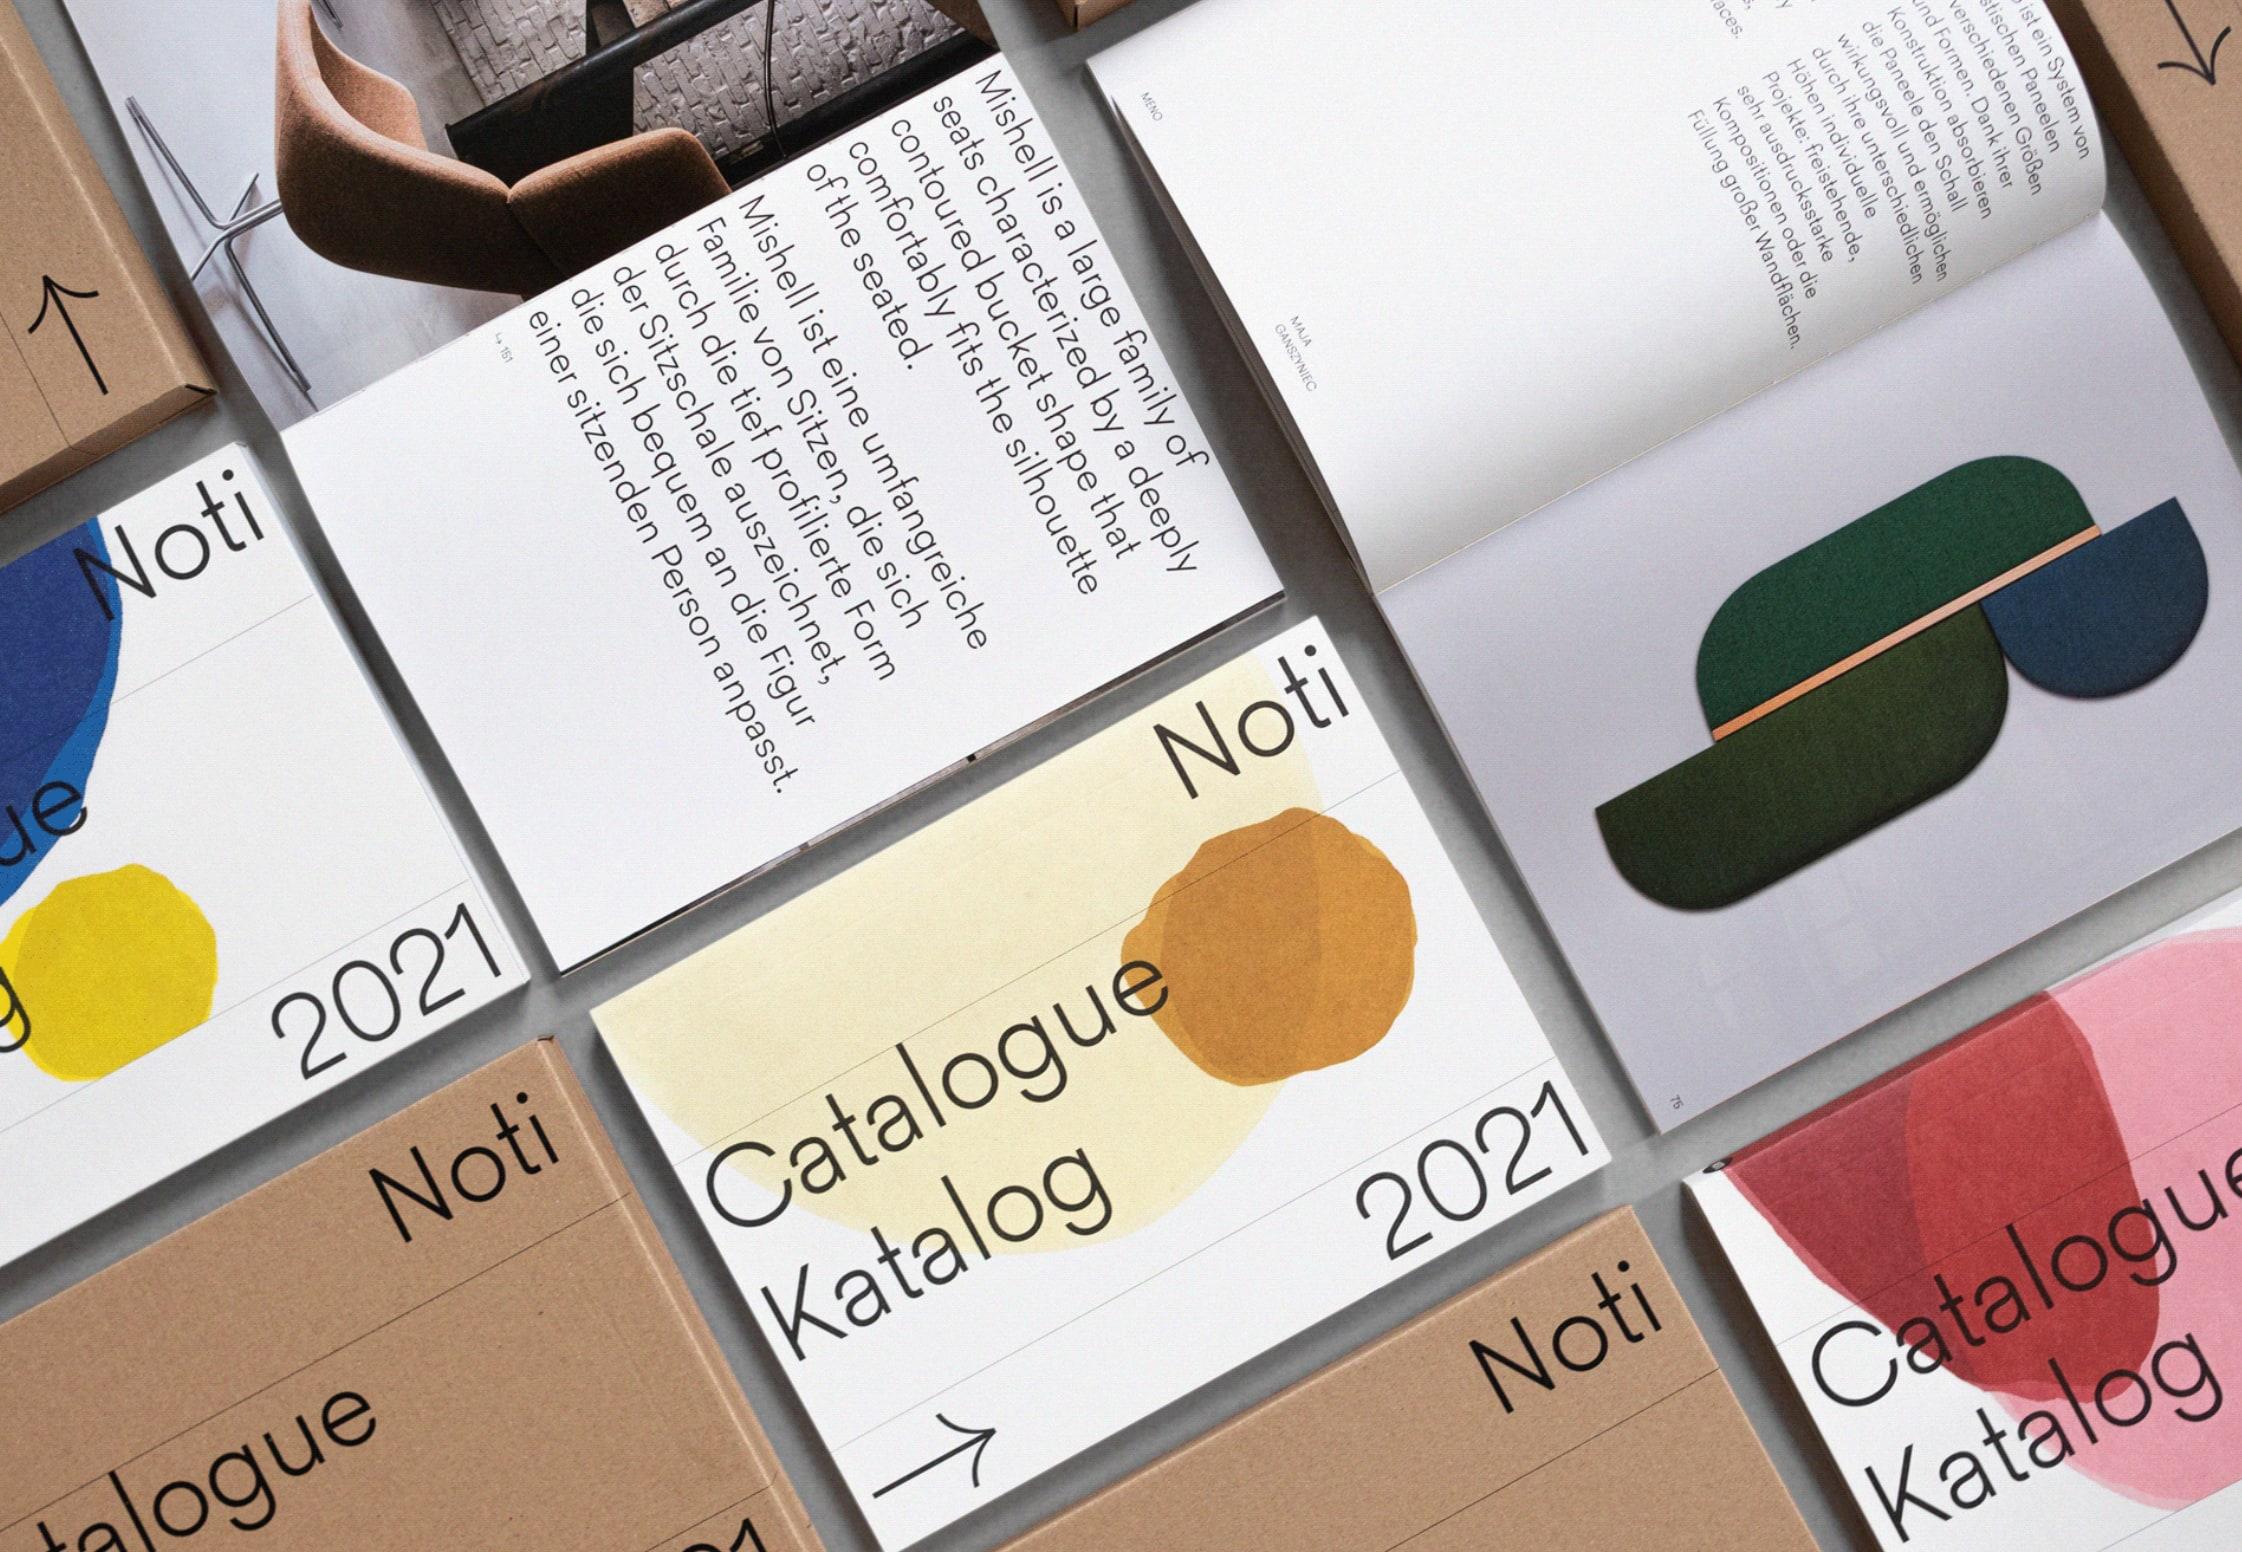 Noti - Editorial Design